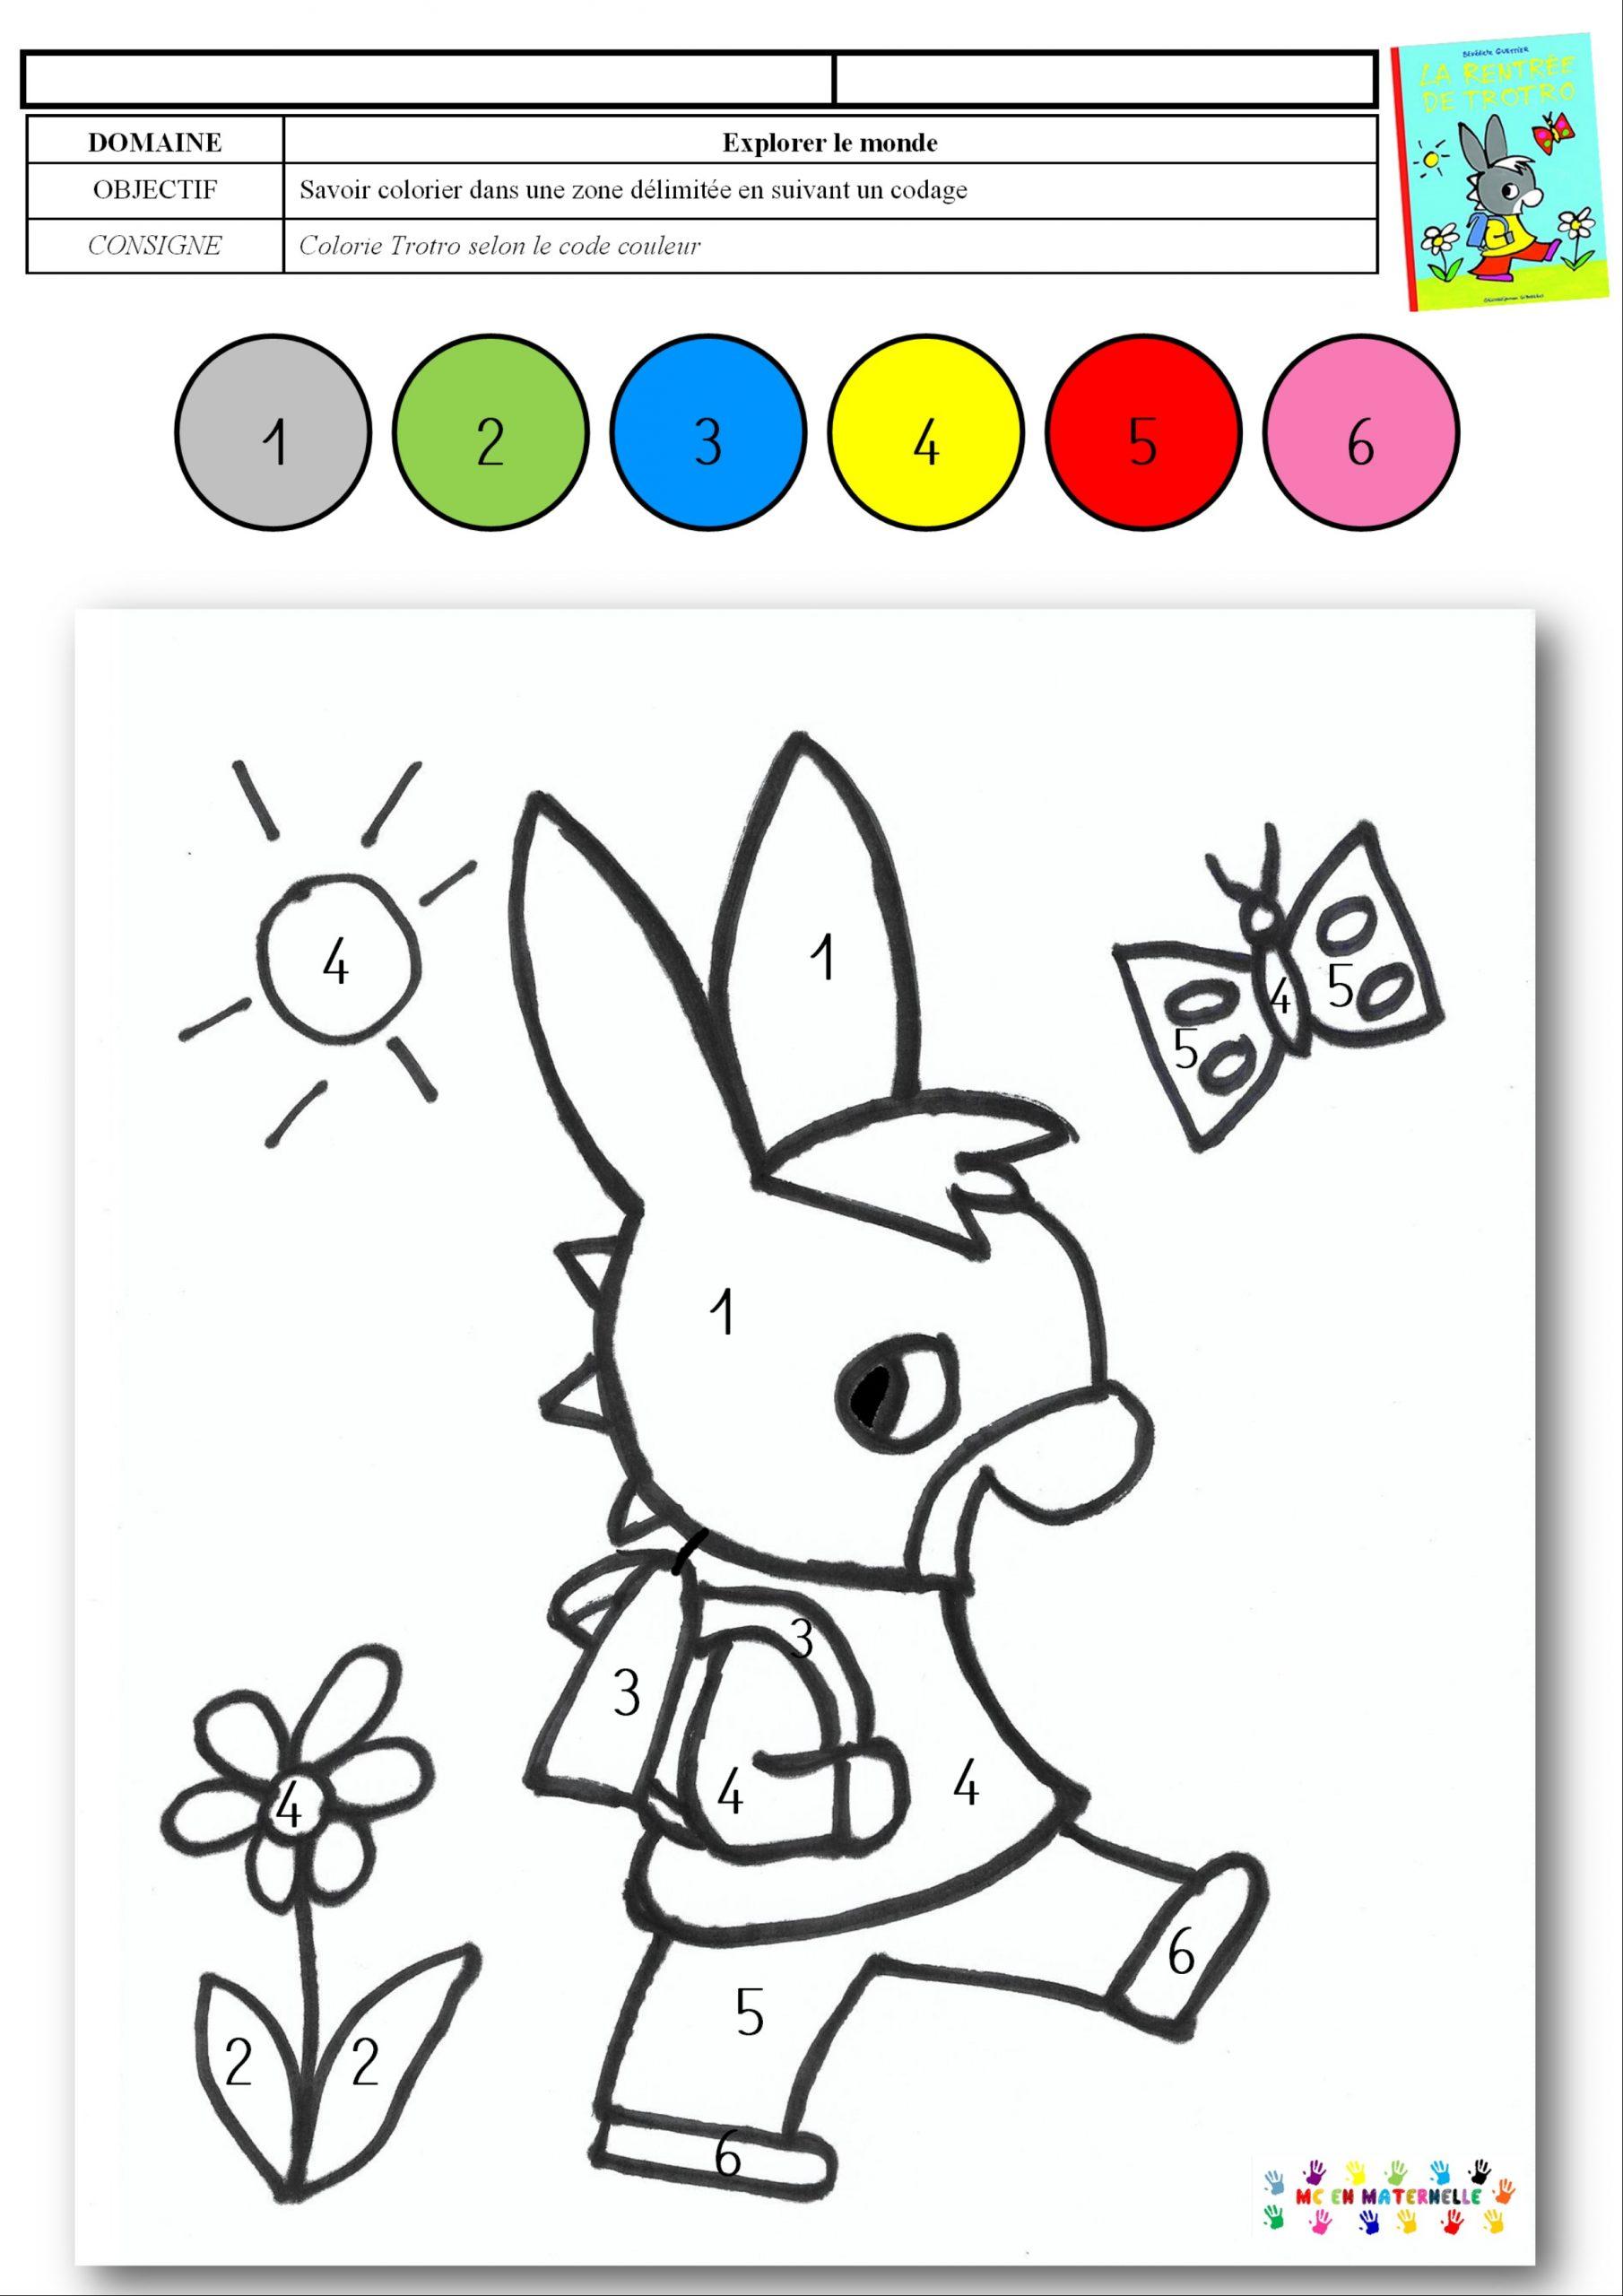 La Rentrée De Trotro : Coloriage Magique – Mc En Maternelle intérieur Coloriage Codé Gs